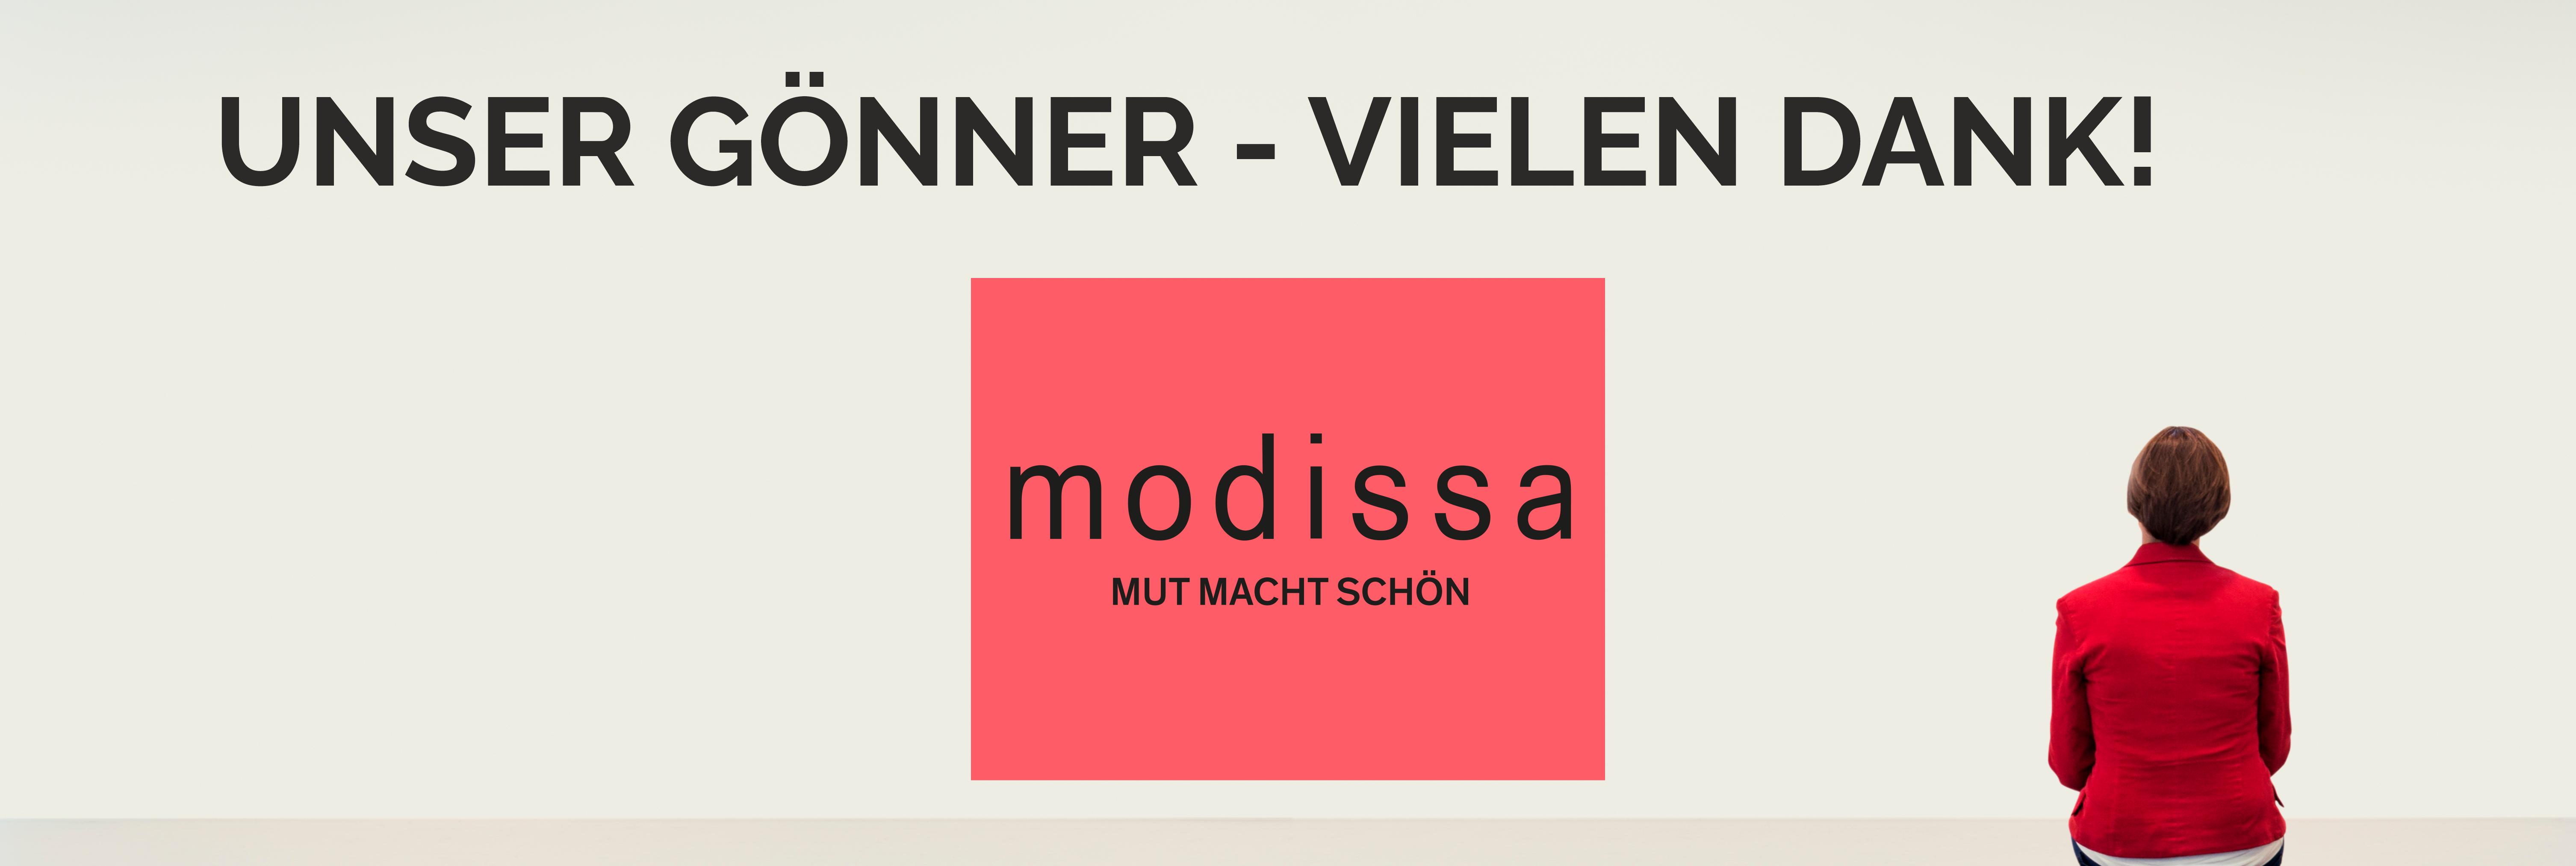 Emotionsart Zürich - Online Kunstgalerie